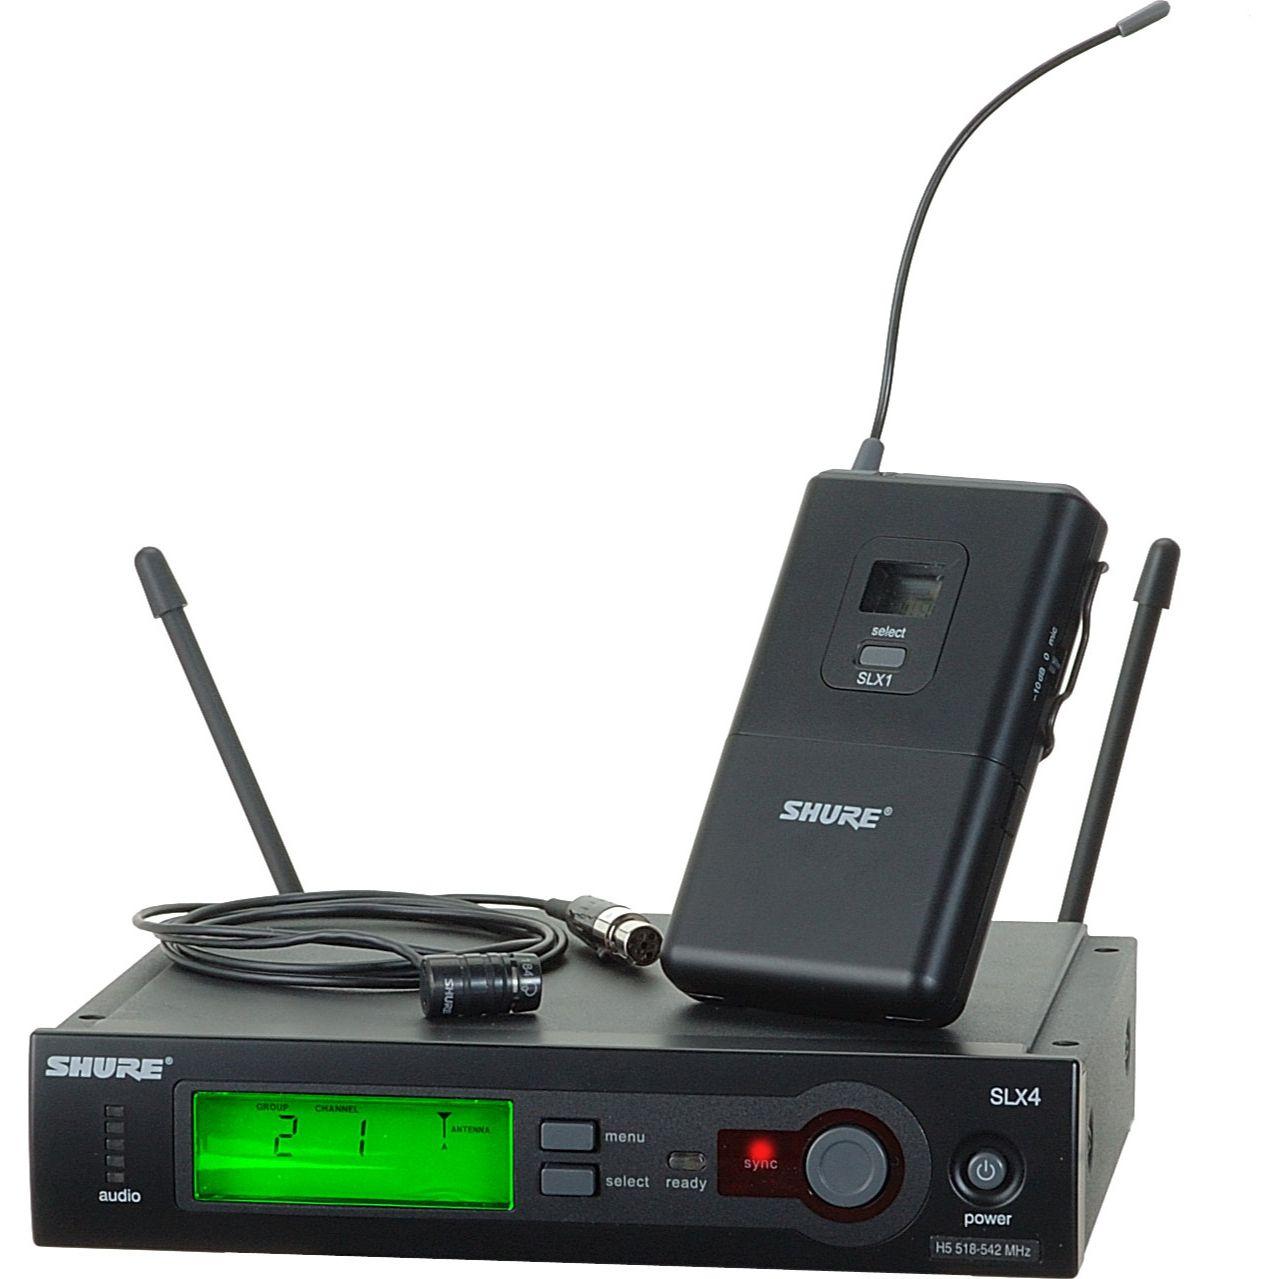 Powieksz do pelnego rozmiaru szur, schure, shure  SLX14/85 SLX 14/85 SLX 14 / 85 SLX 14/ 85 SLX14/WL185 SLX 14/WL185 SLX 14 / WL185 SLX 14/ WL185 SLX14/WL 185 SLX 14/WL 185 SLX 14 / WL 185 SLX 14/ WL 185  mikrofon bezprzewodowy, zestaw bezprzewodowy, mikrofon estradowy, mikrofon konferencyjny, bodypack, mikrofon kieszonkowy, mikrofon elektretowy, mikrofon miniaturowy, mikrofon krawatowy, mikrofon lavalier